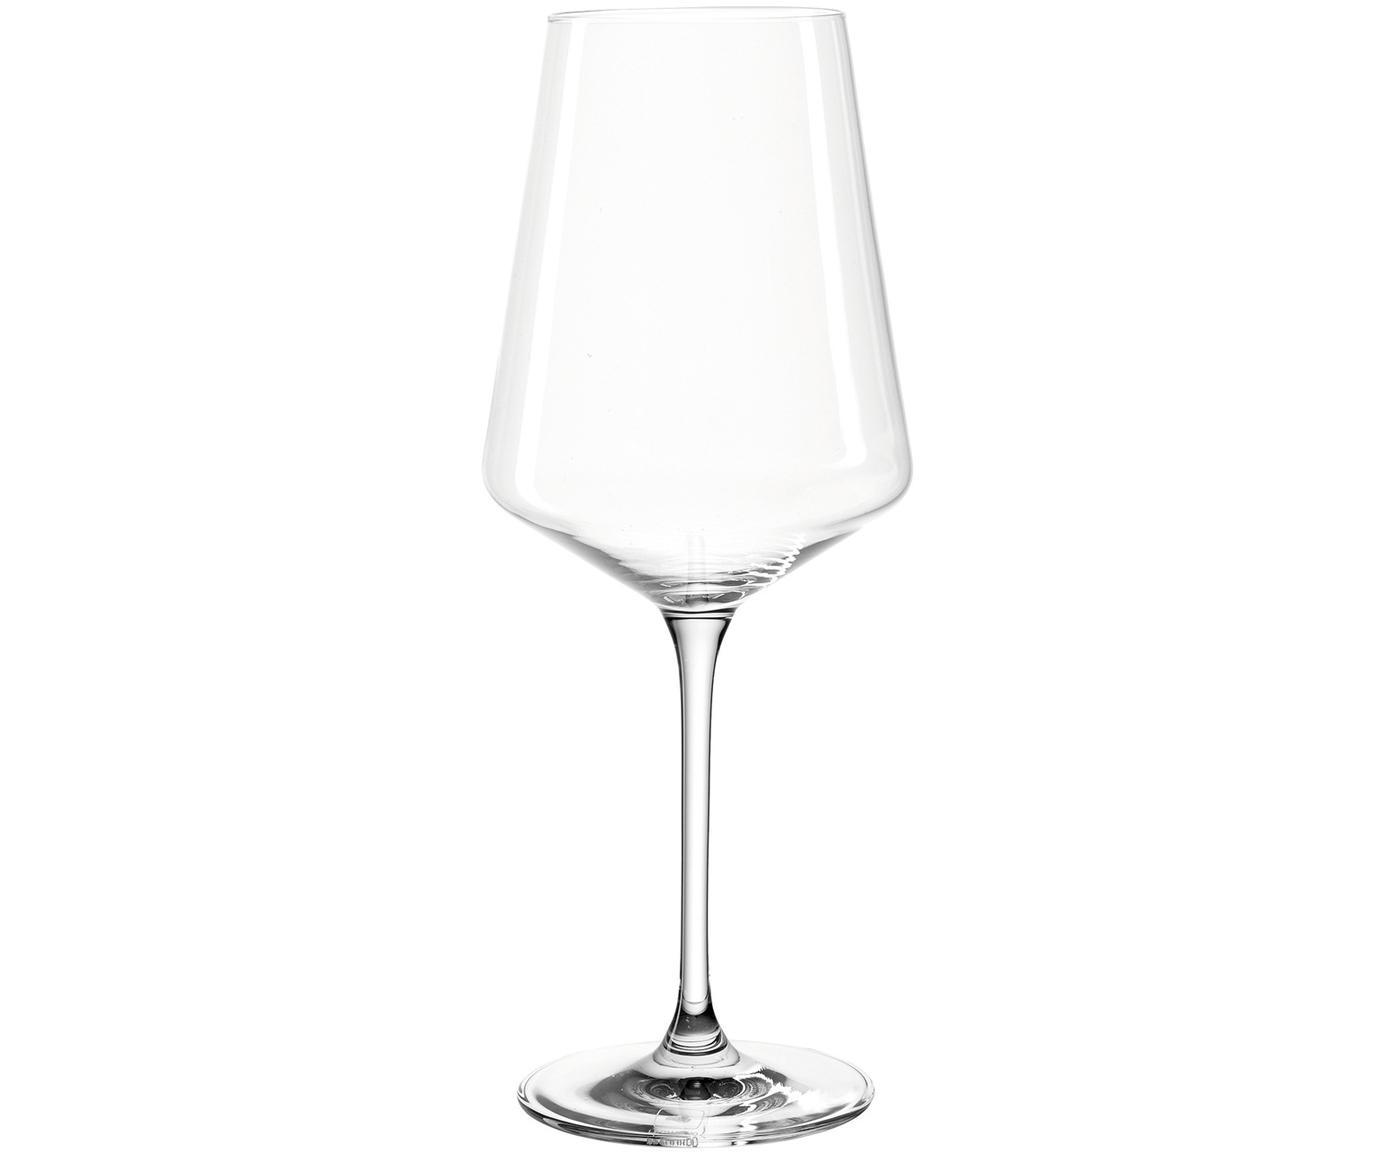 Kieliszek do białego wina Puccini, 6 szt., Szkło Teqton®, Transparentny, Ø 10 x W 24 cm